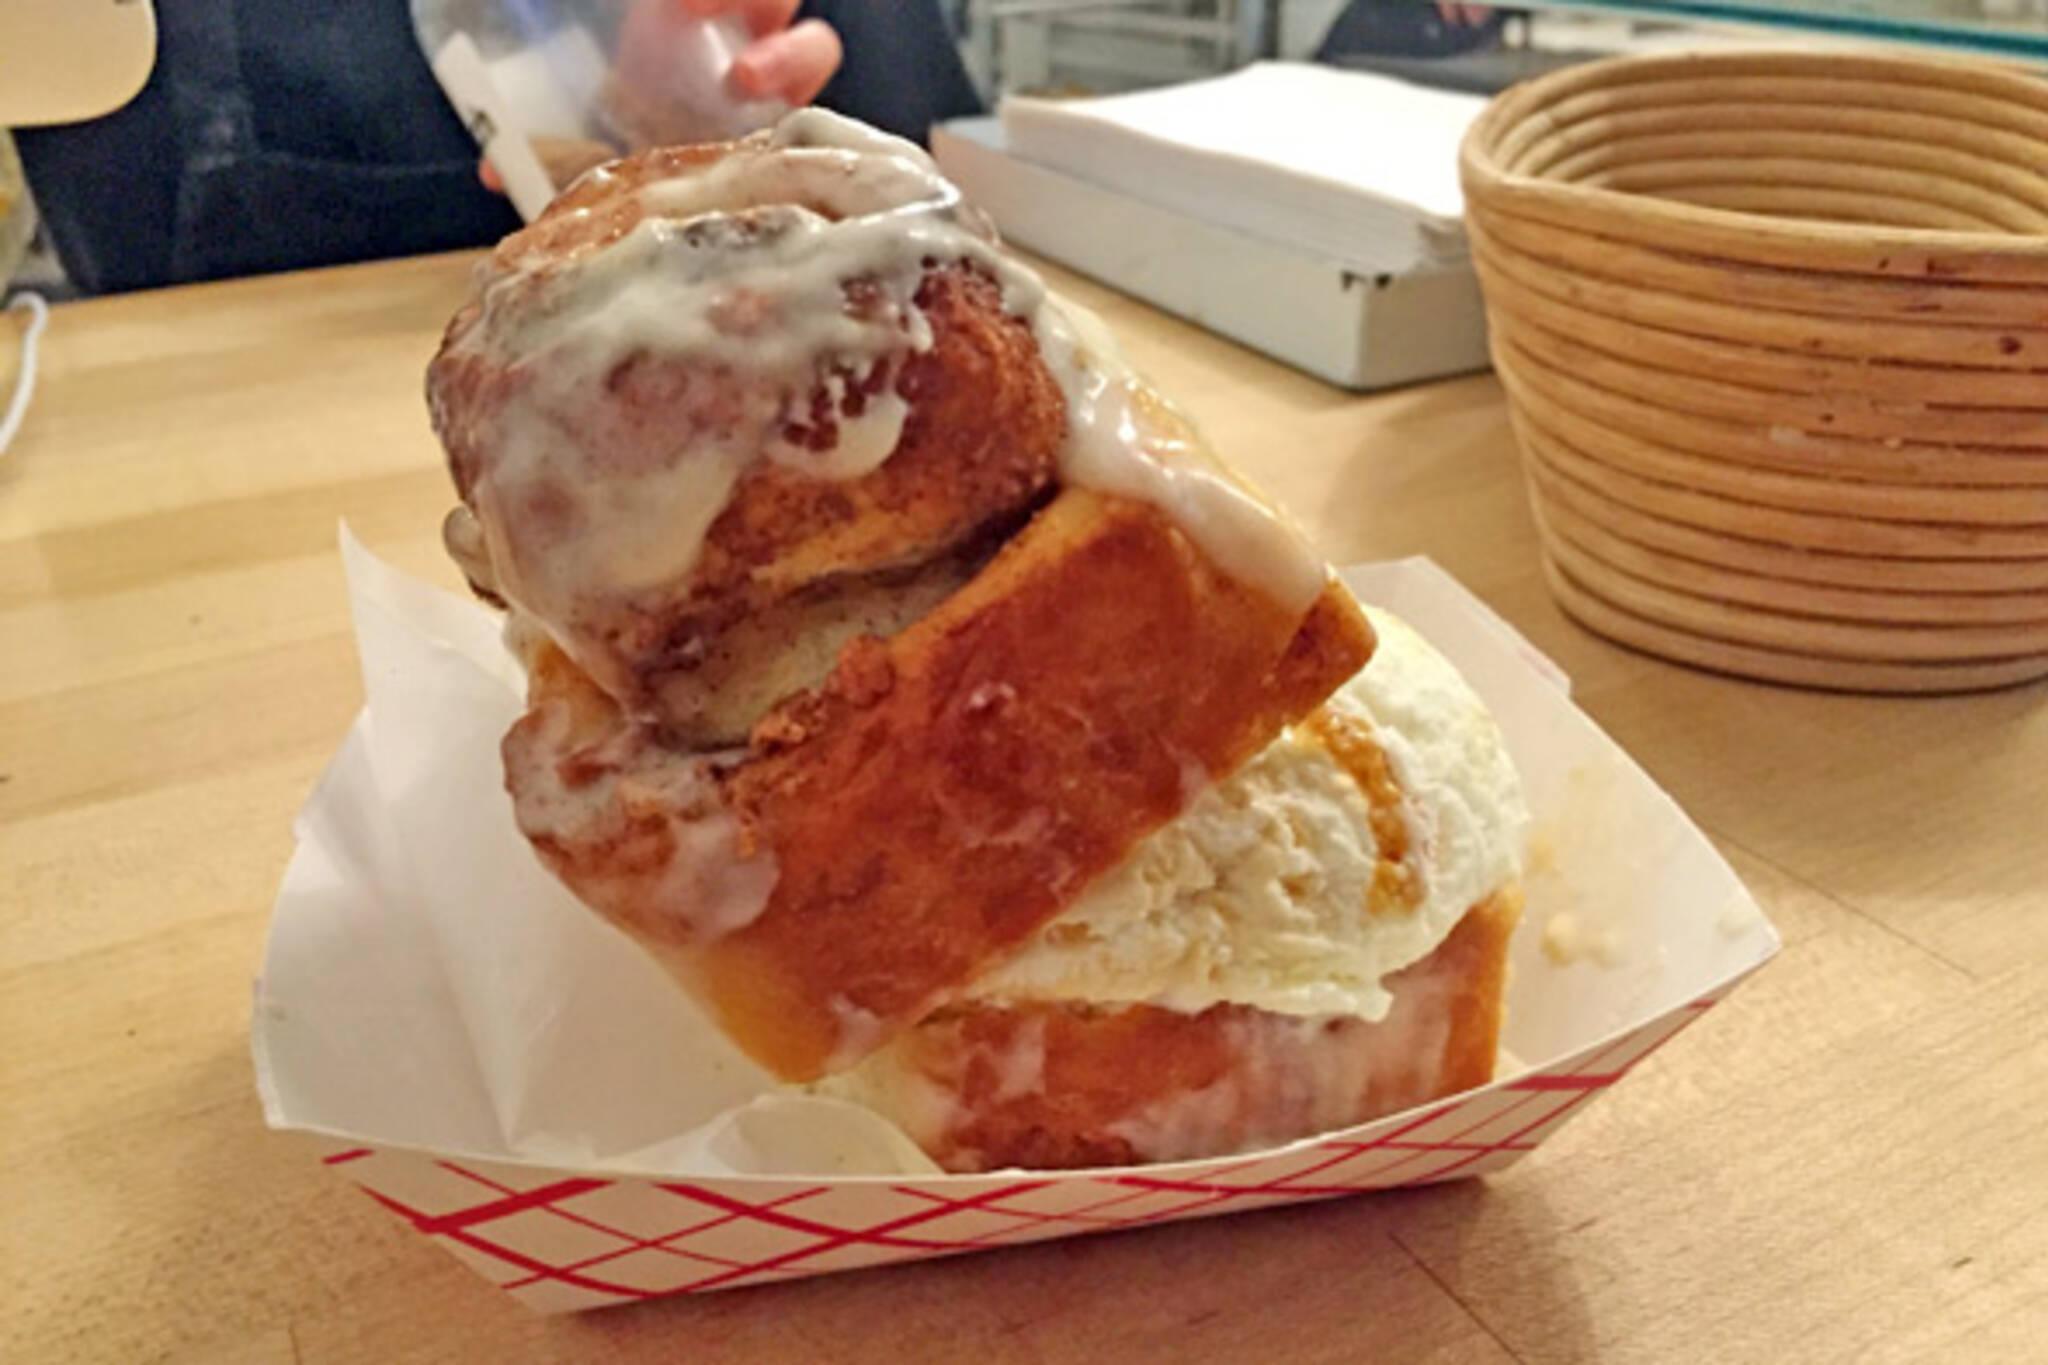 cinnamon bun ice cream sandwich